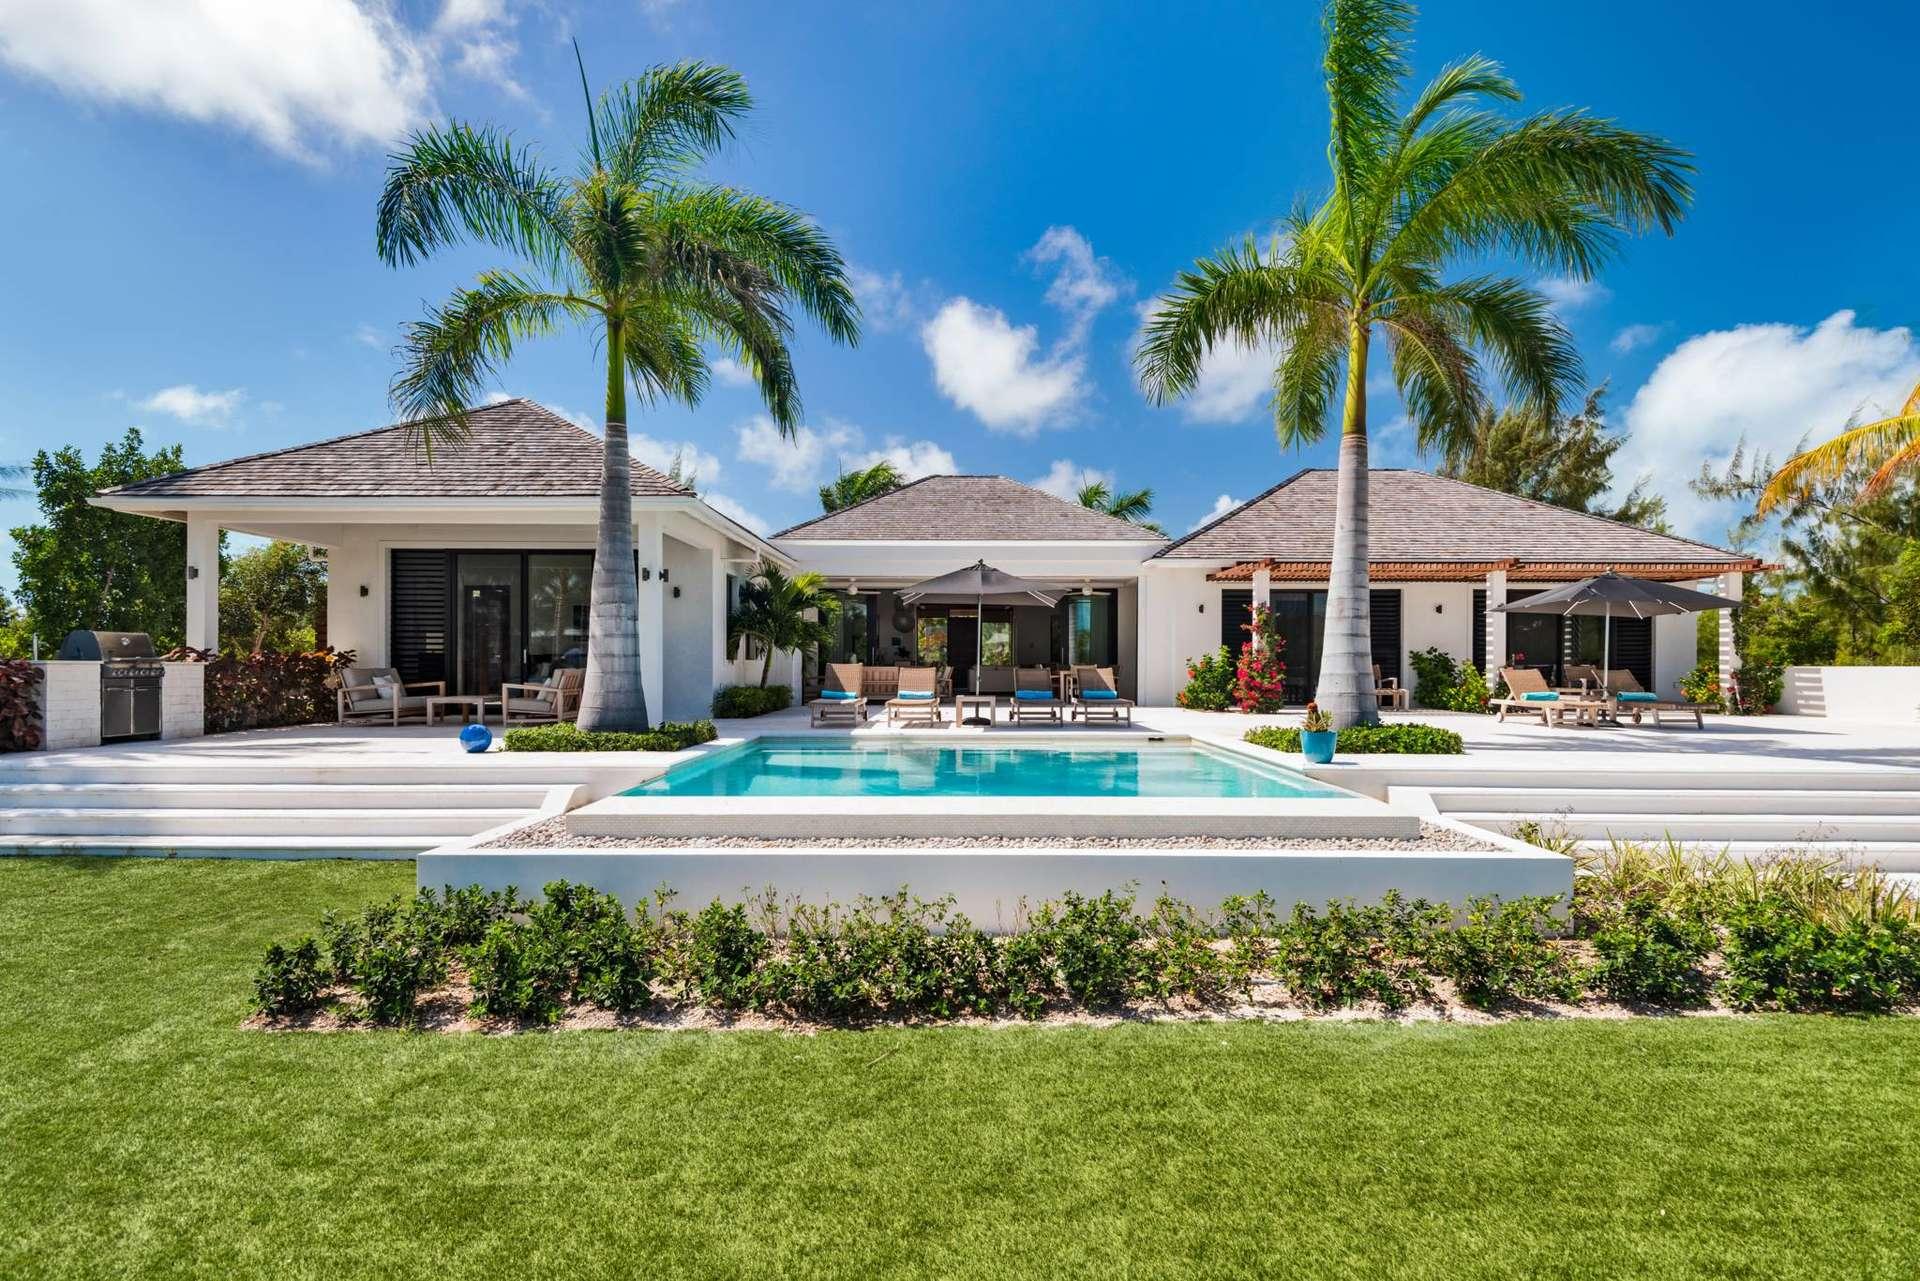 Luxury villa rentals caribbean - Turks and caicos - Providenciales - Leeward - Cassis Villa - Image 1/19